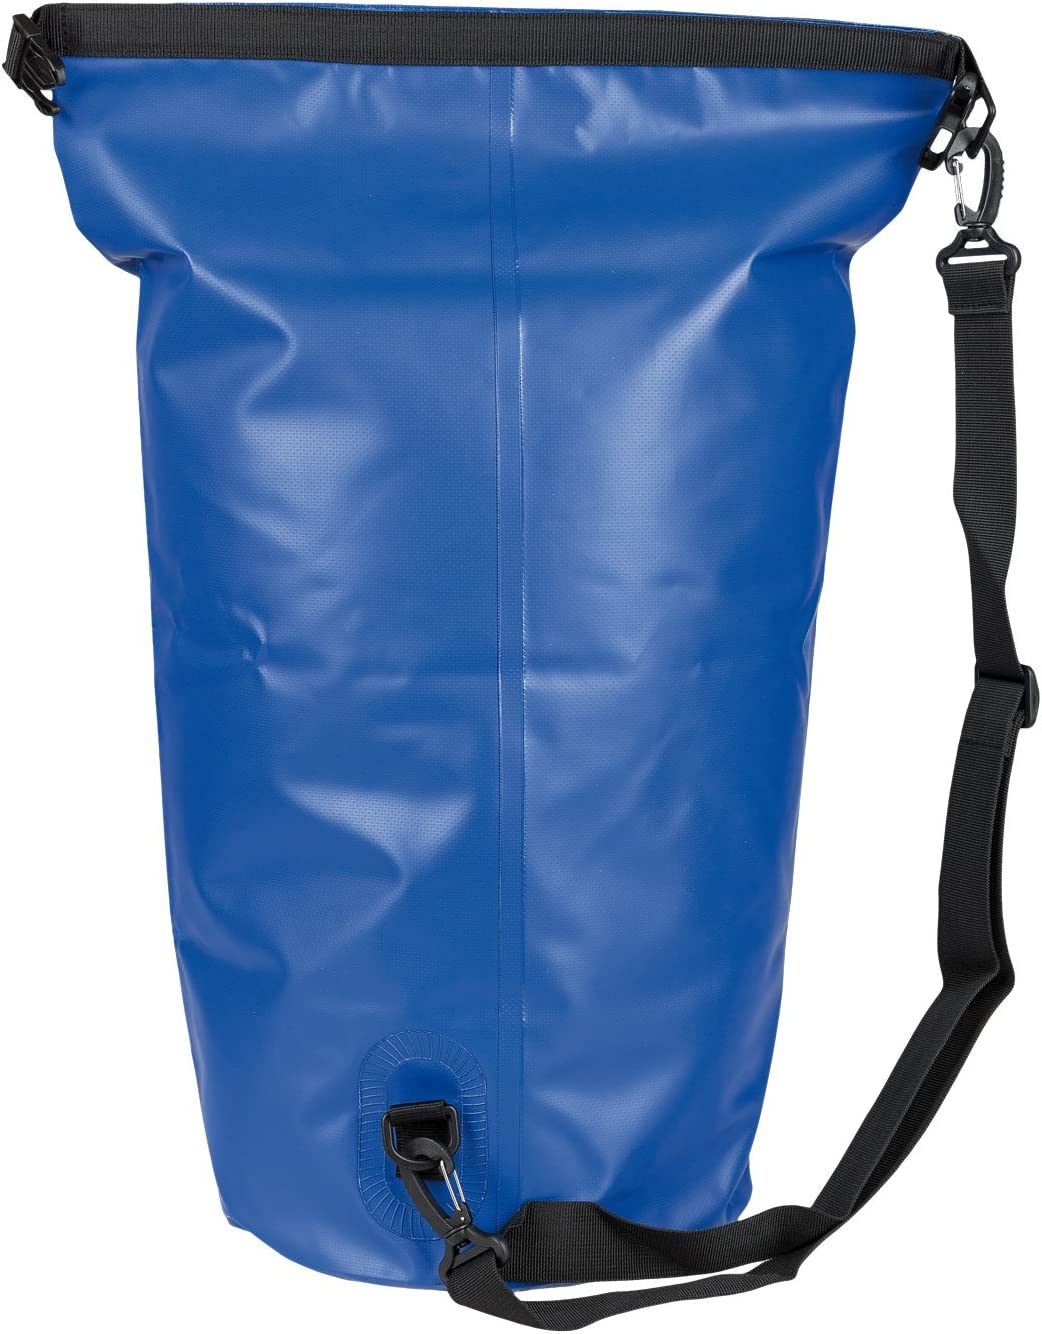 Idena 24001 Wassersportler und auf Reisen Seesack aus PVC ideal f/ür Camping 30 Liter wasserdichte Tasche mit Tragegurt blau